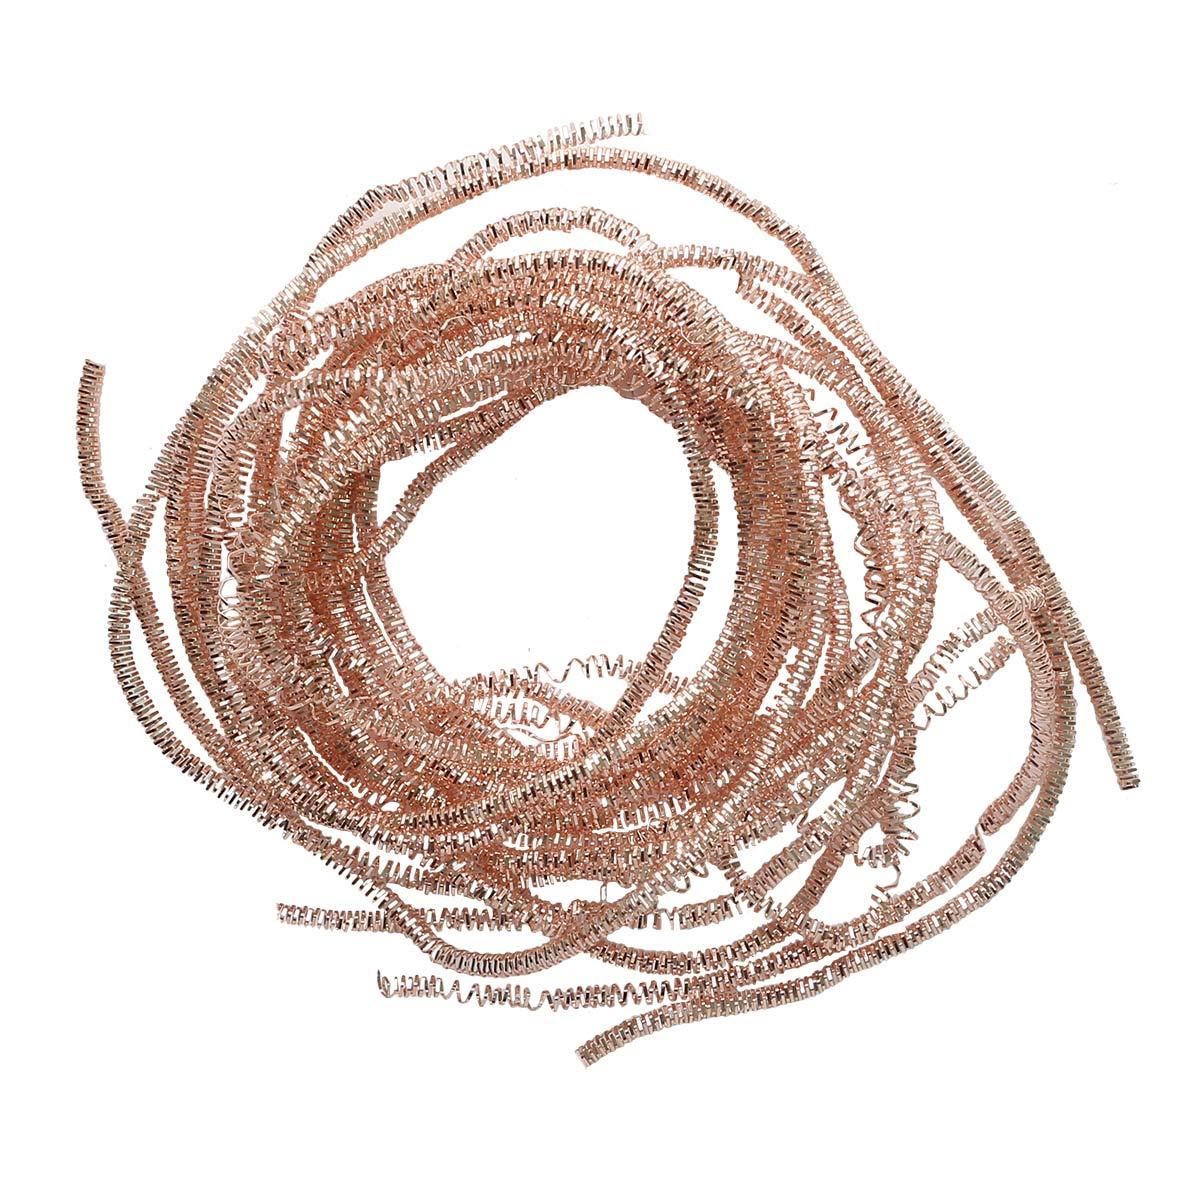 ТК014НН1 Трунцал медный,розов.золото 1,5 мм, 5 гр/упак Астра